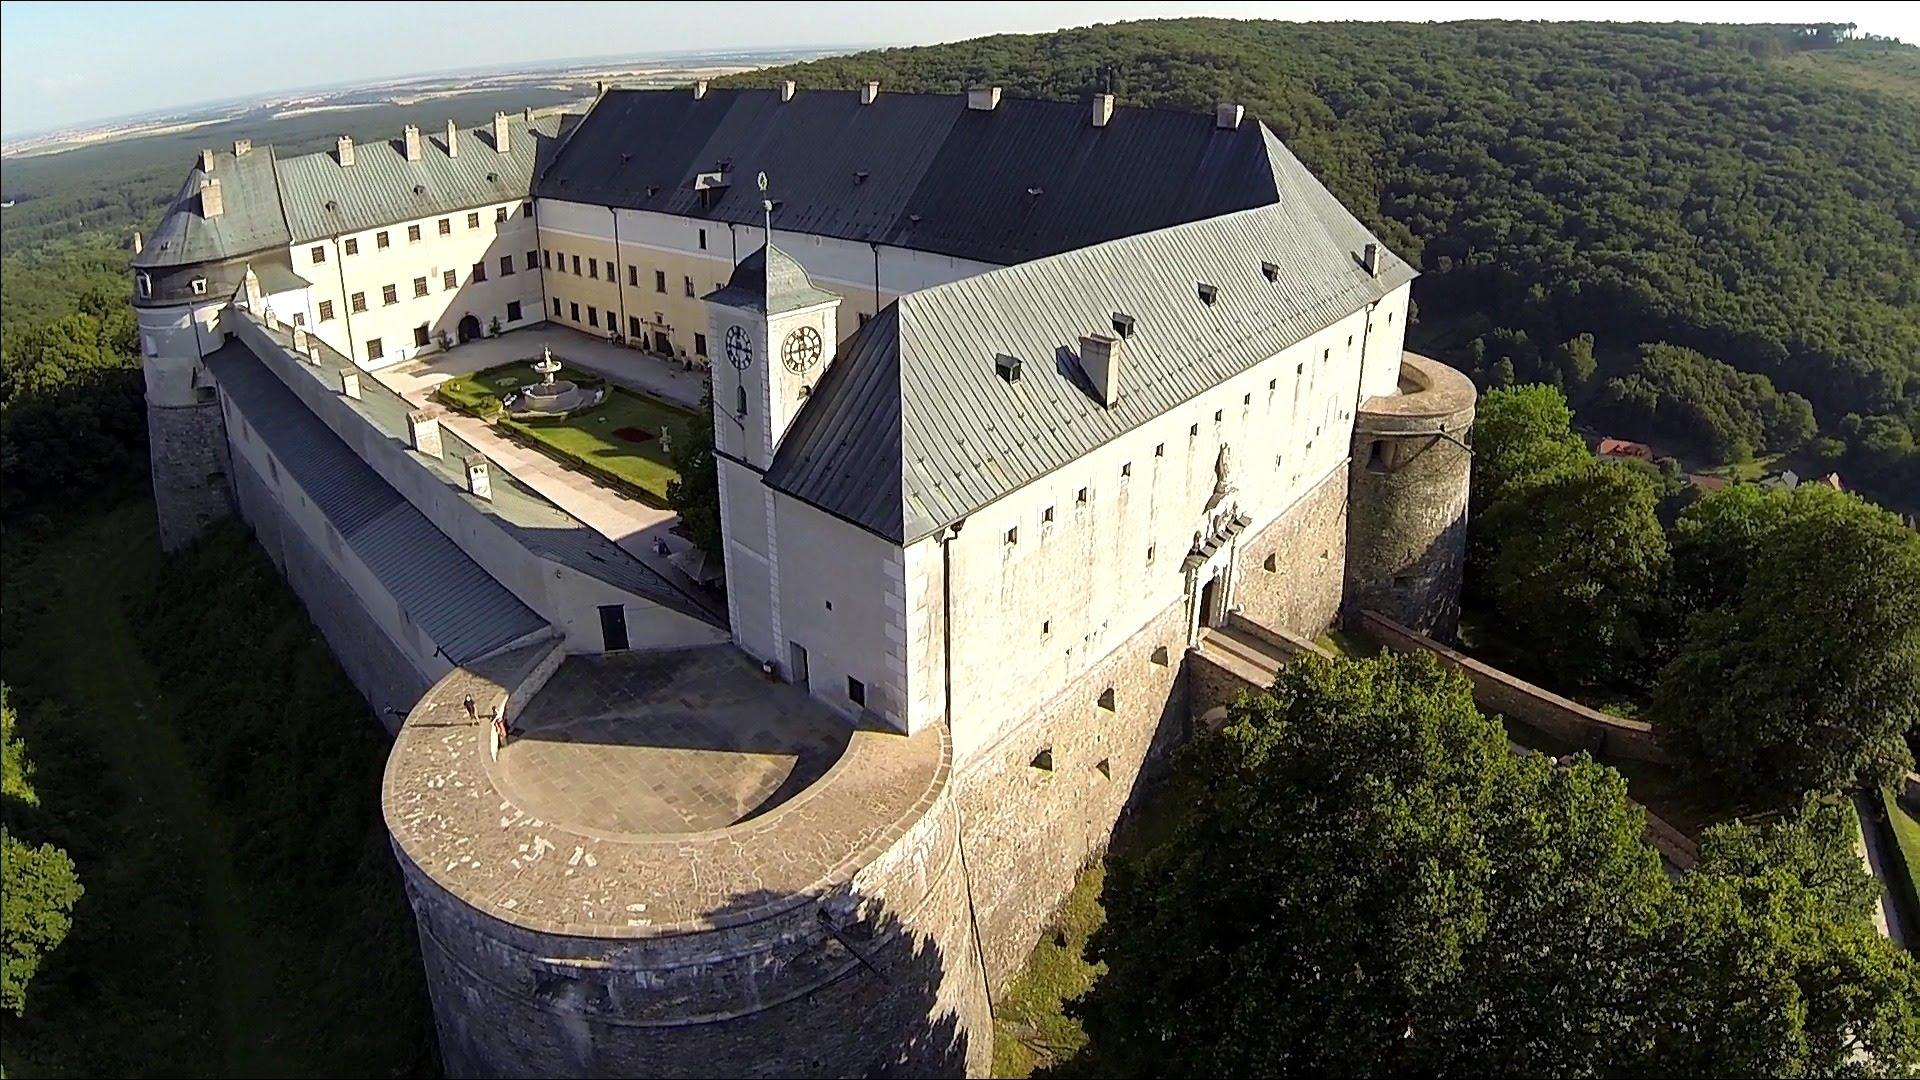 Rytierska sála, Hrad Červený kameň (SK)